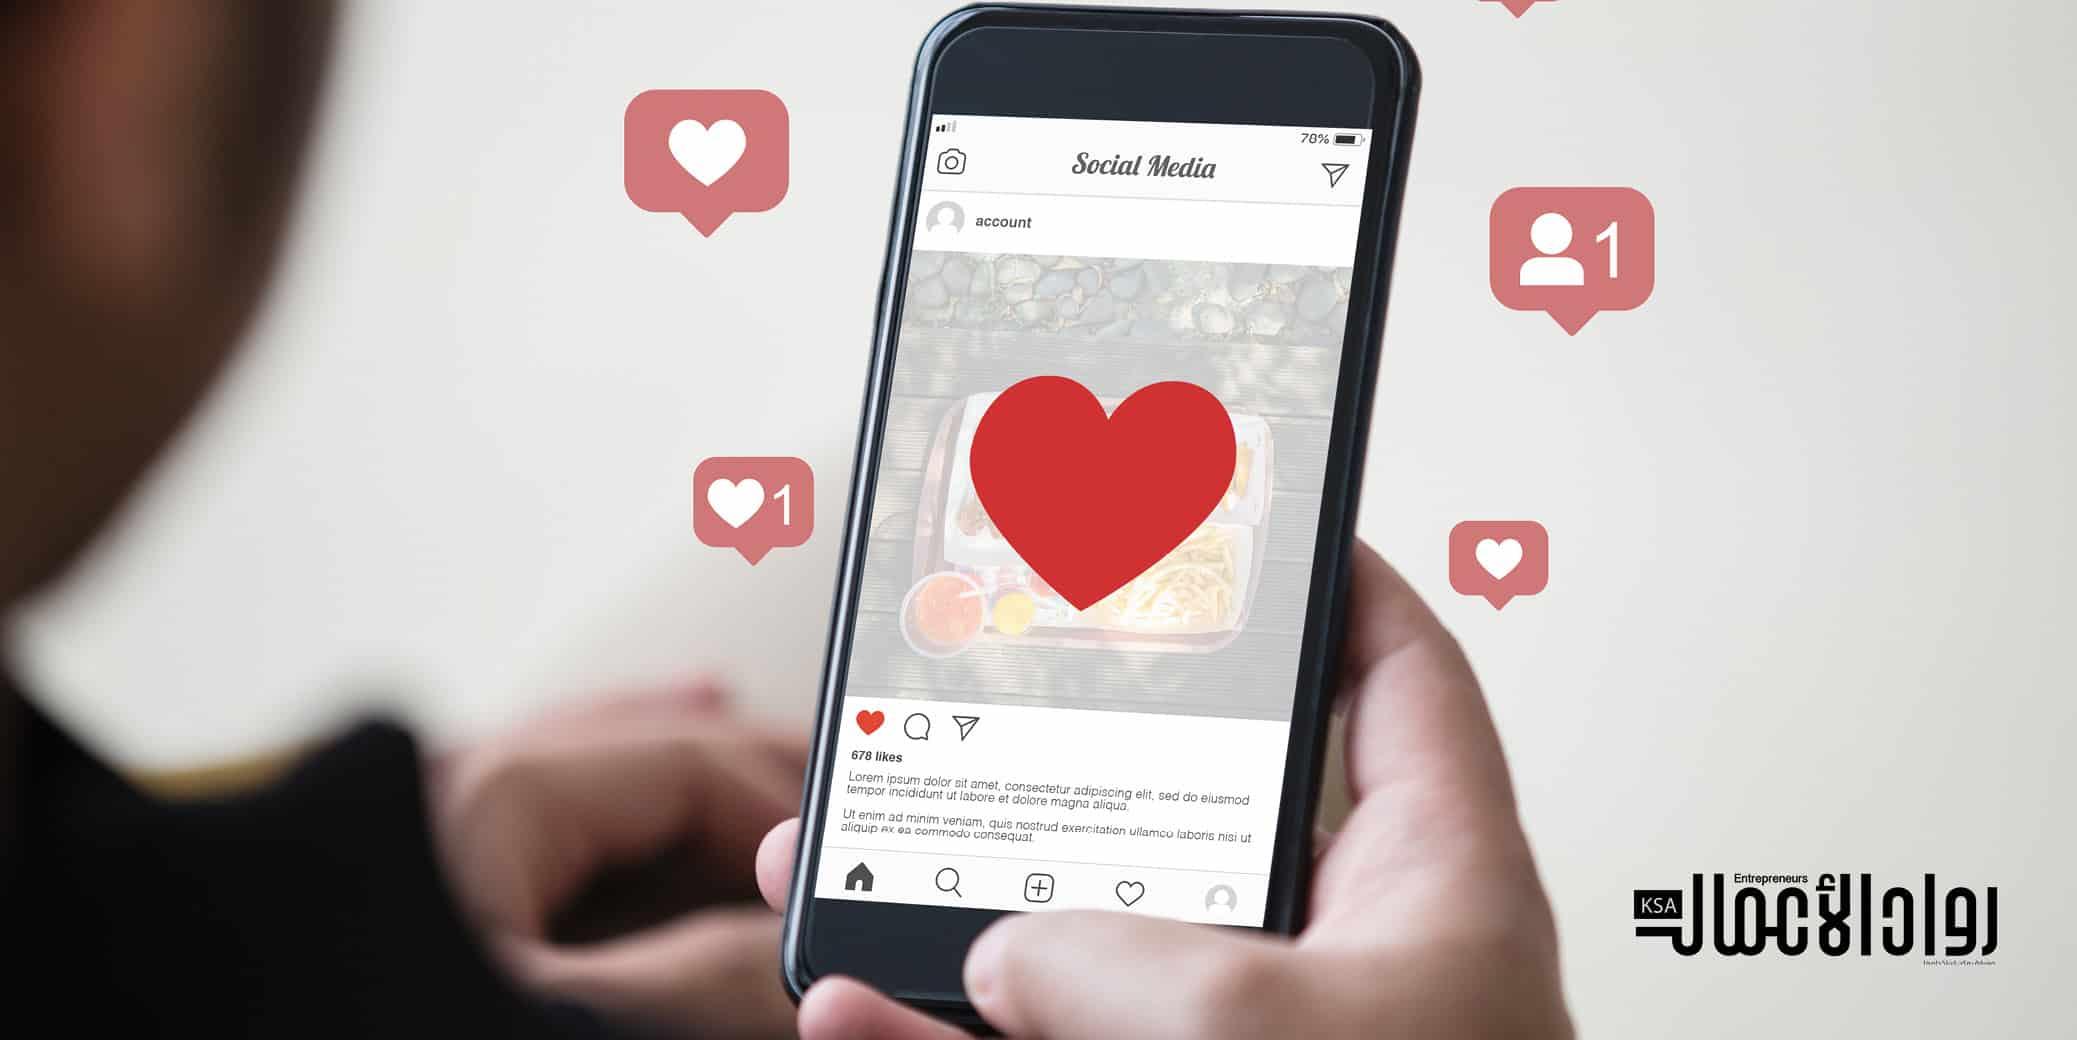 أفضل مواقع التواصل الاجتماعي لتبادل الصور